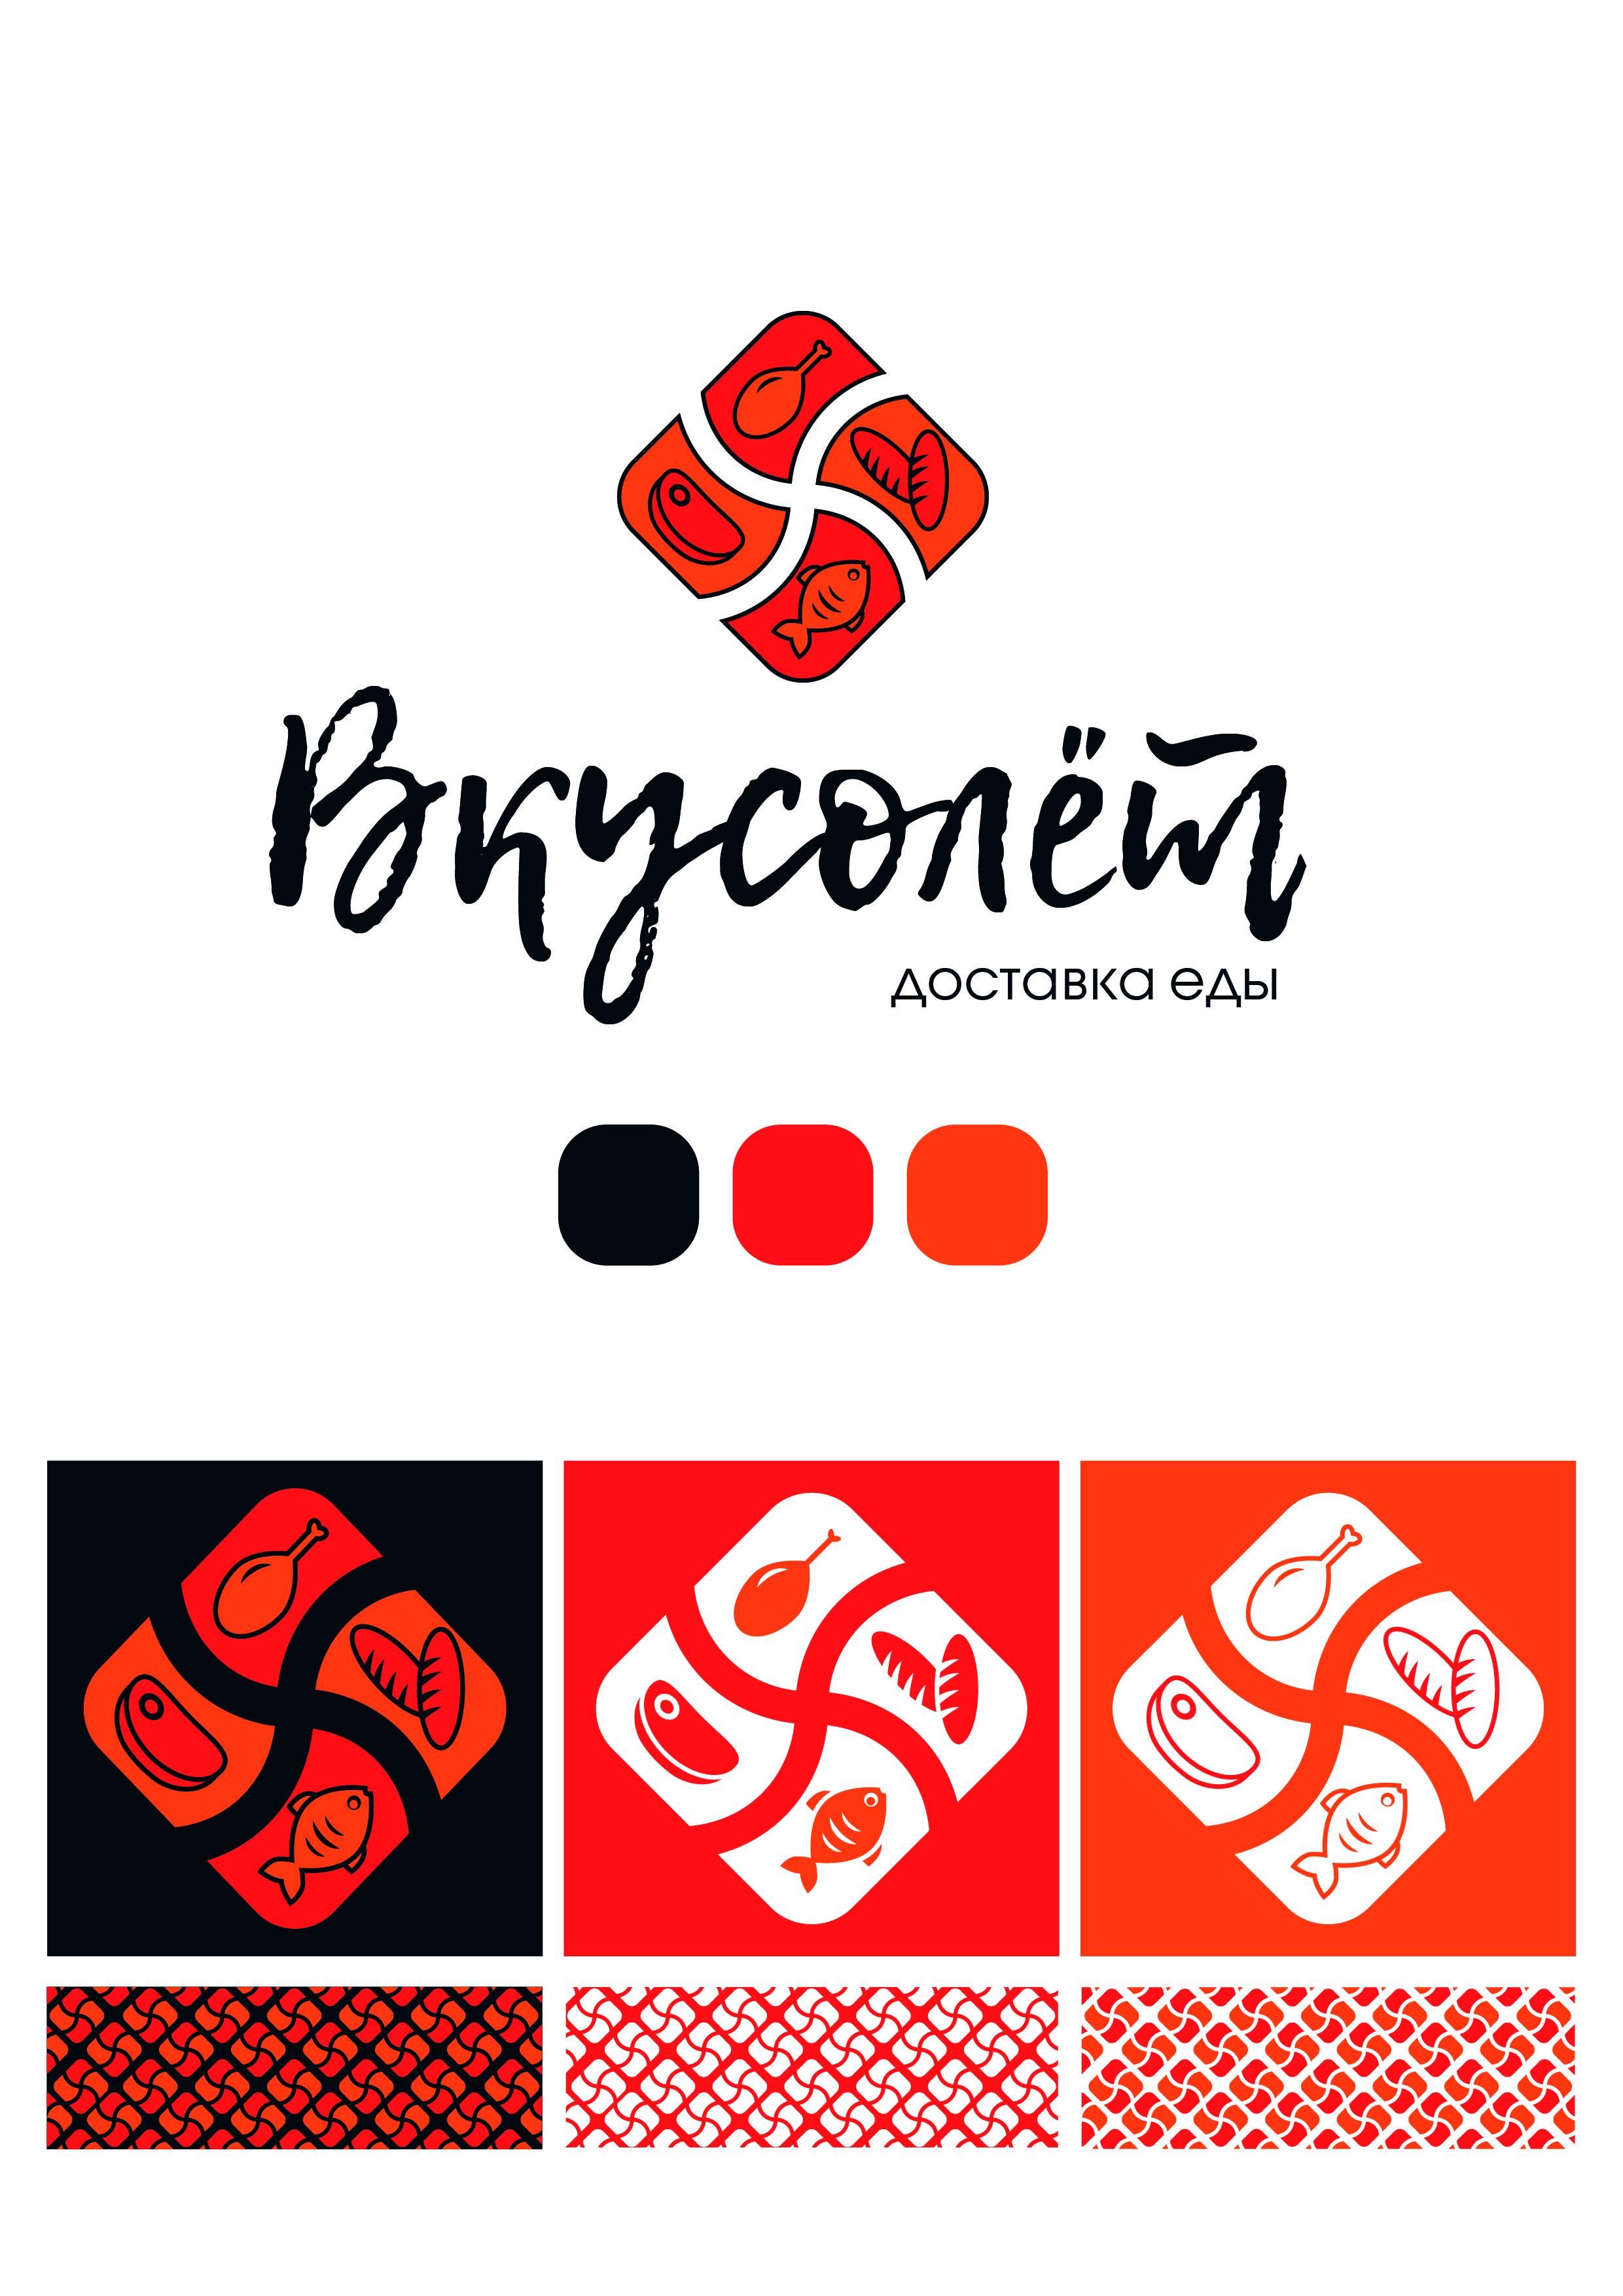 Логотип для доставки еды фото f_42459d79beec7133.jpg